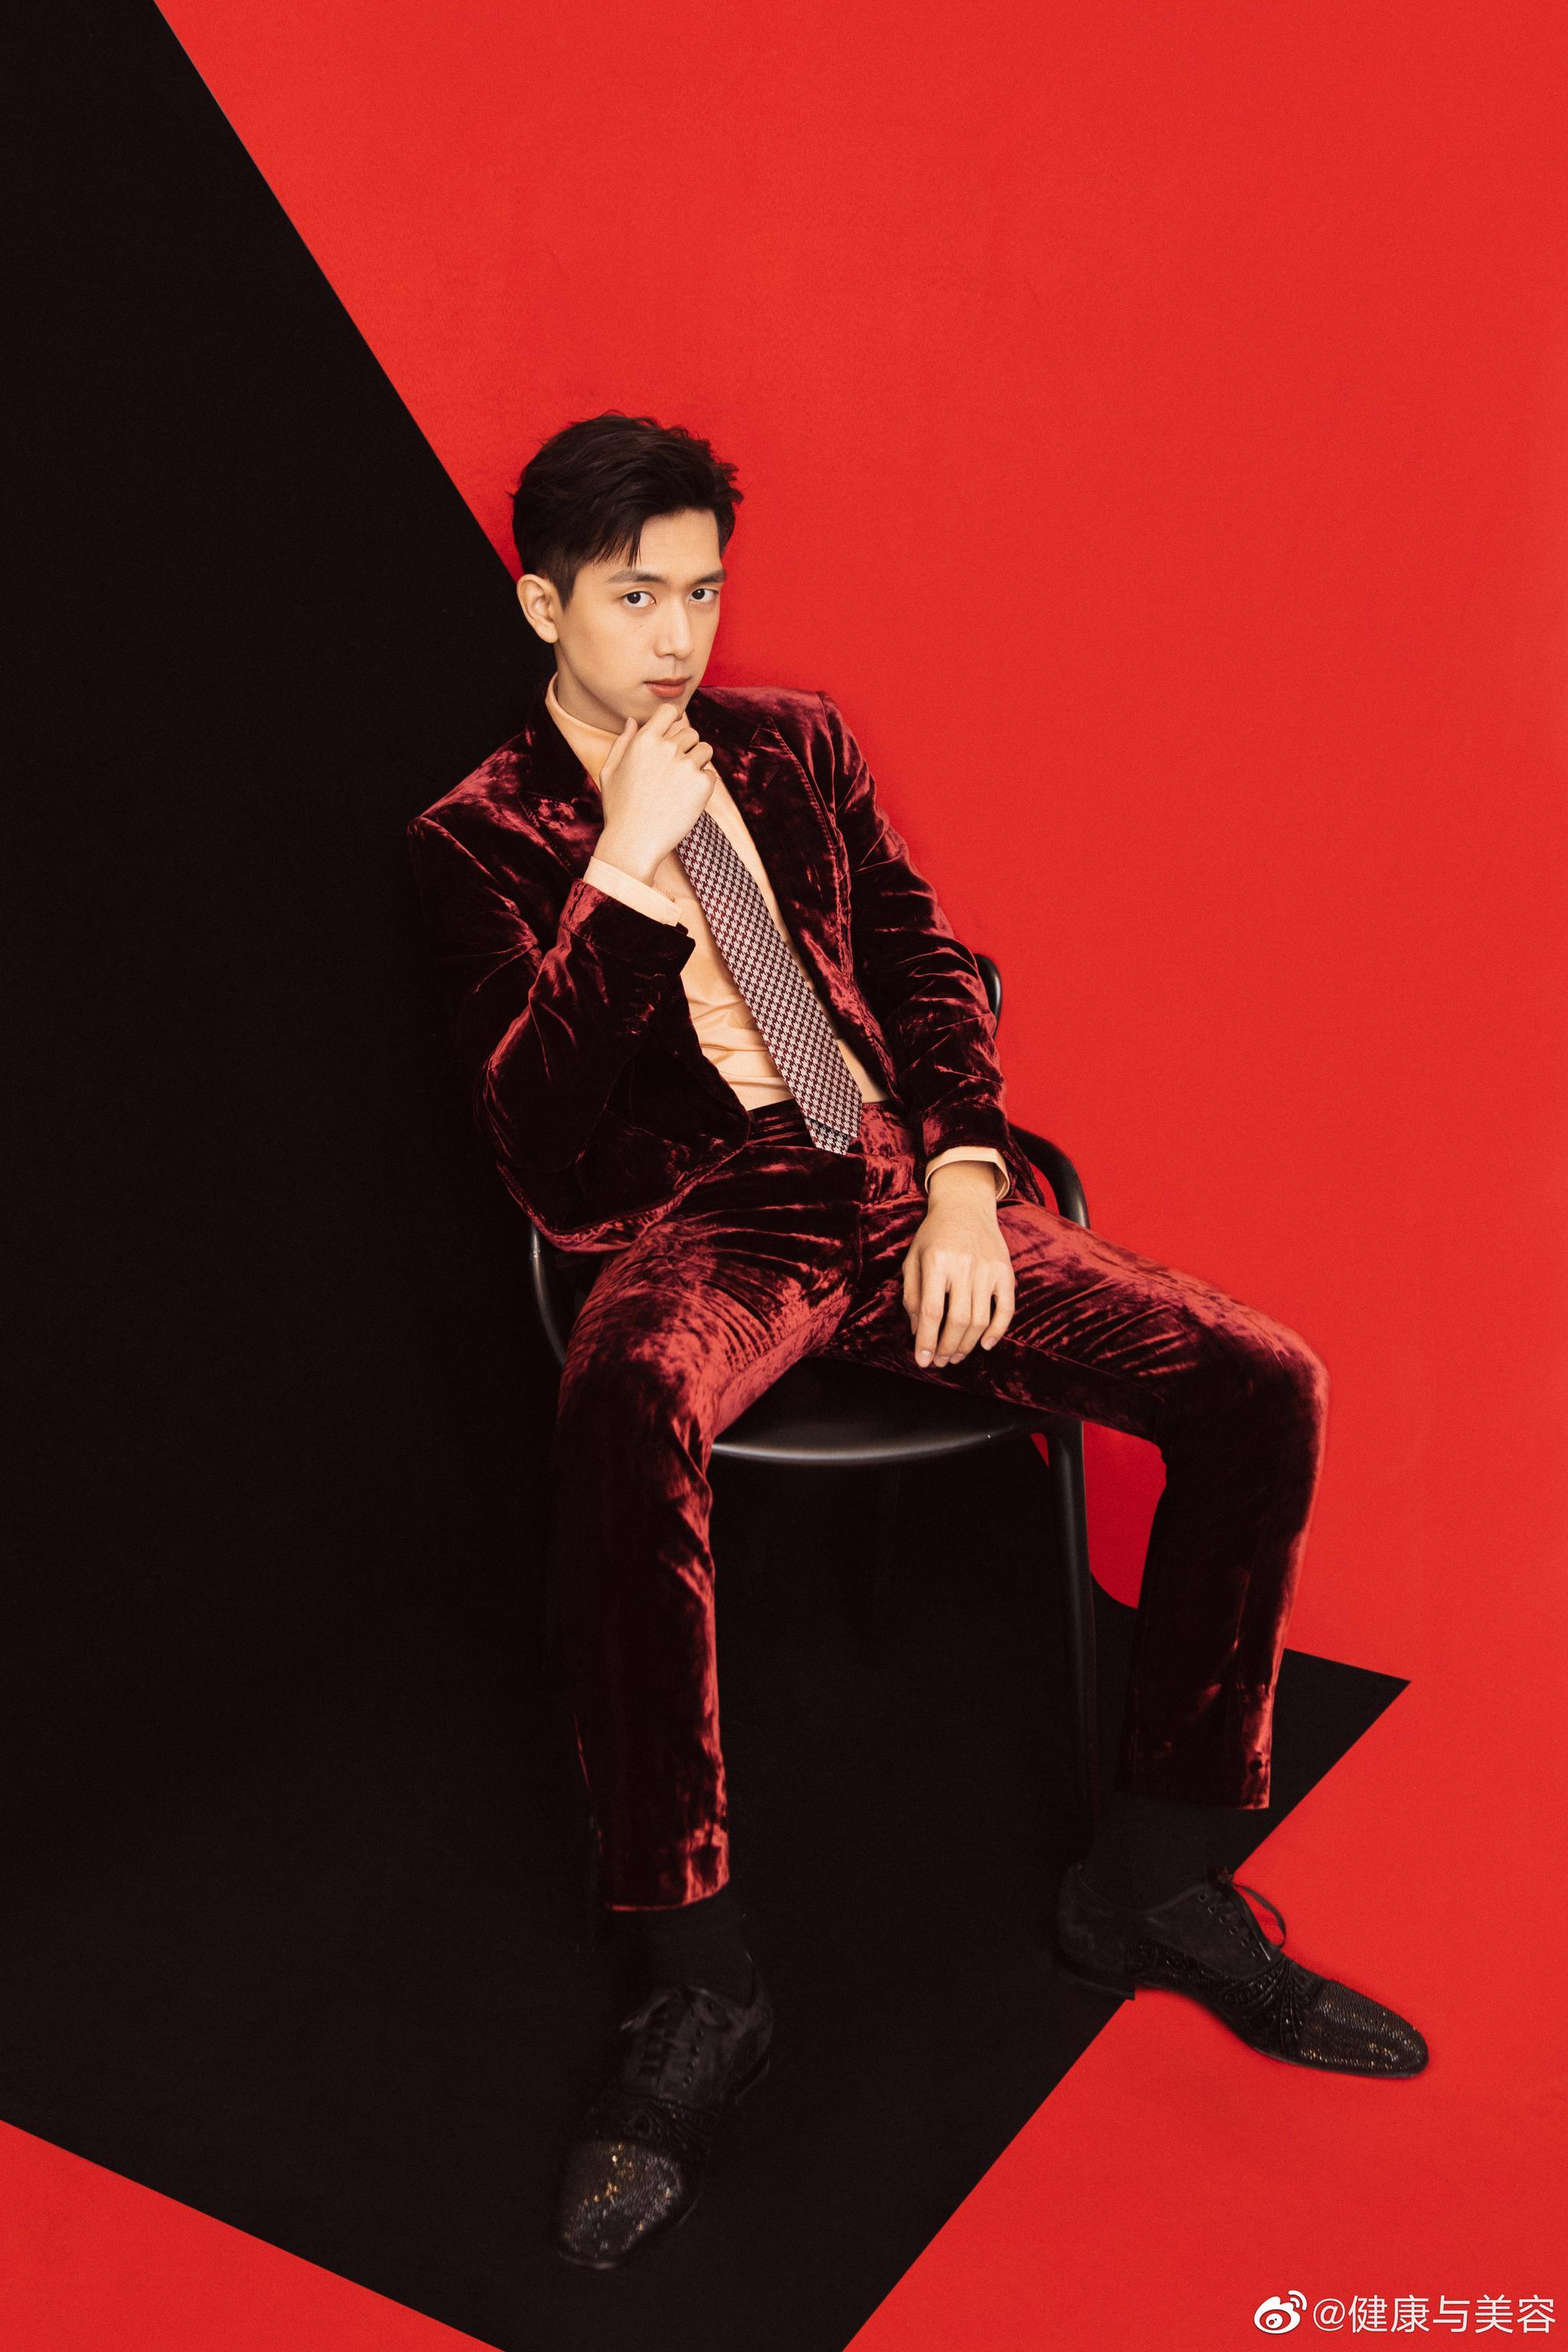 李现身着Tom Ford酒红色天鹅绒西服套装搭配藕粉色衬衫